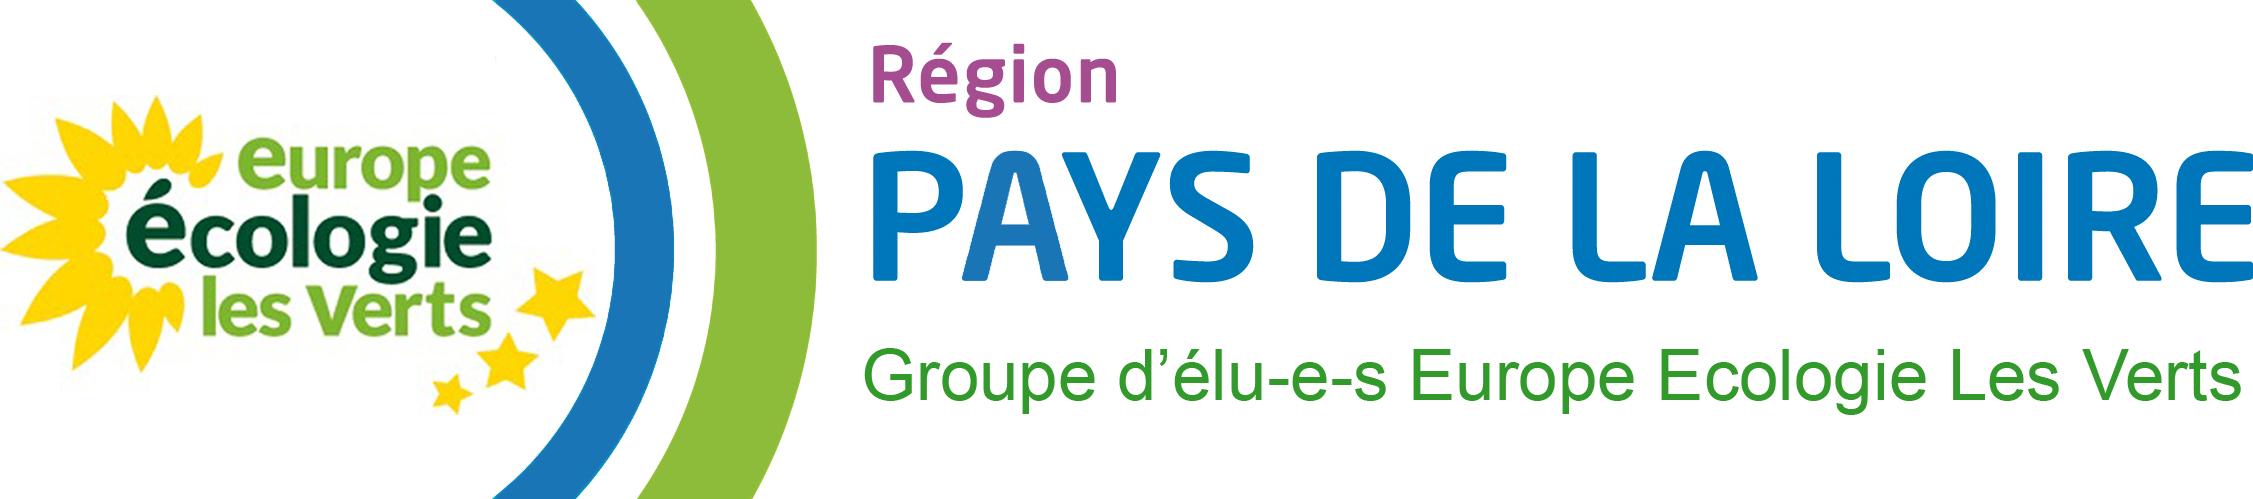 http://elus-pdl.eelv.fr/files/2012/09/Logo-EELV-CR-PDL.png